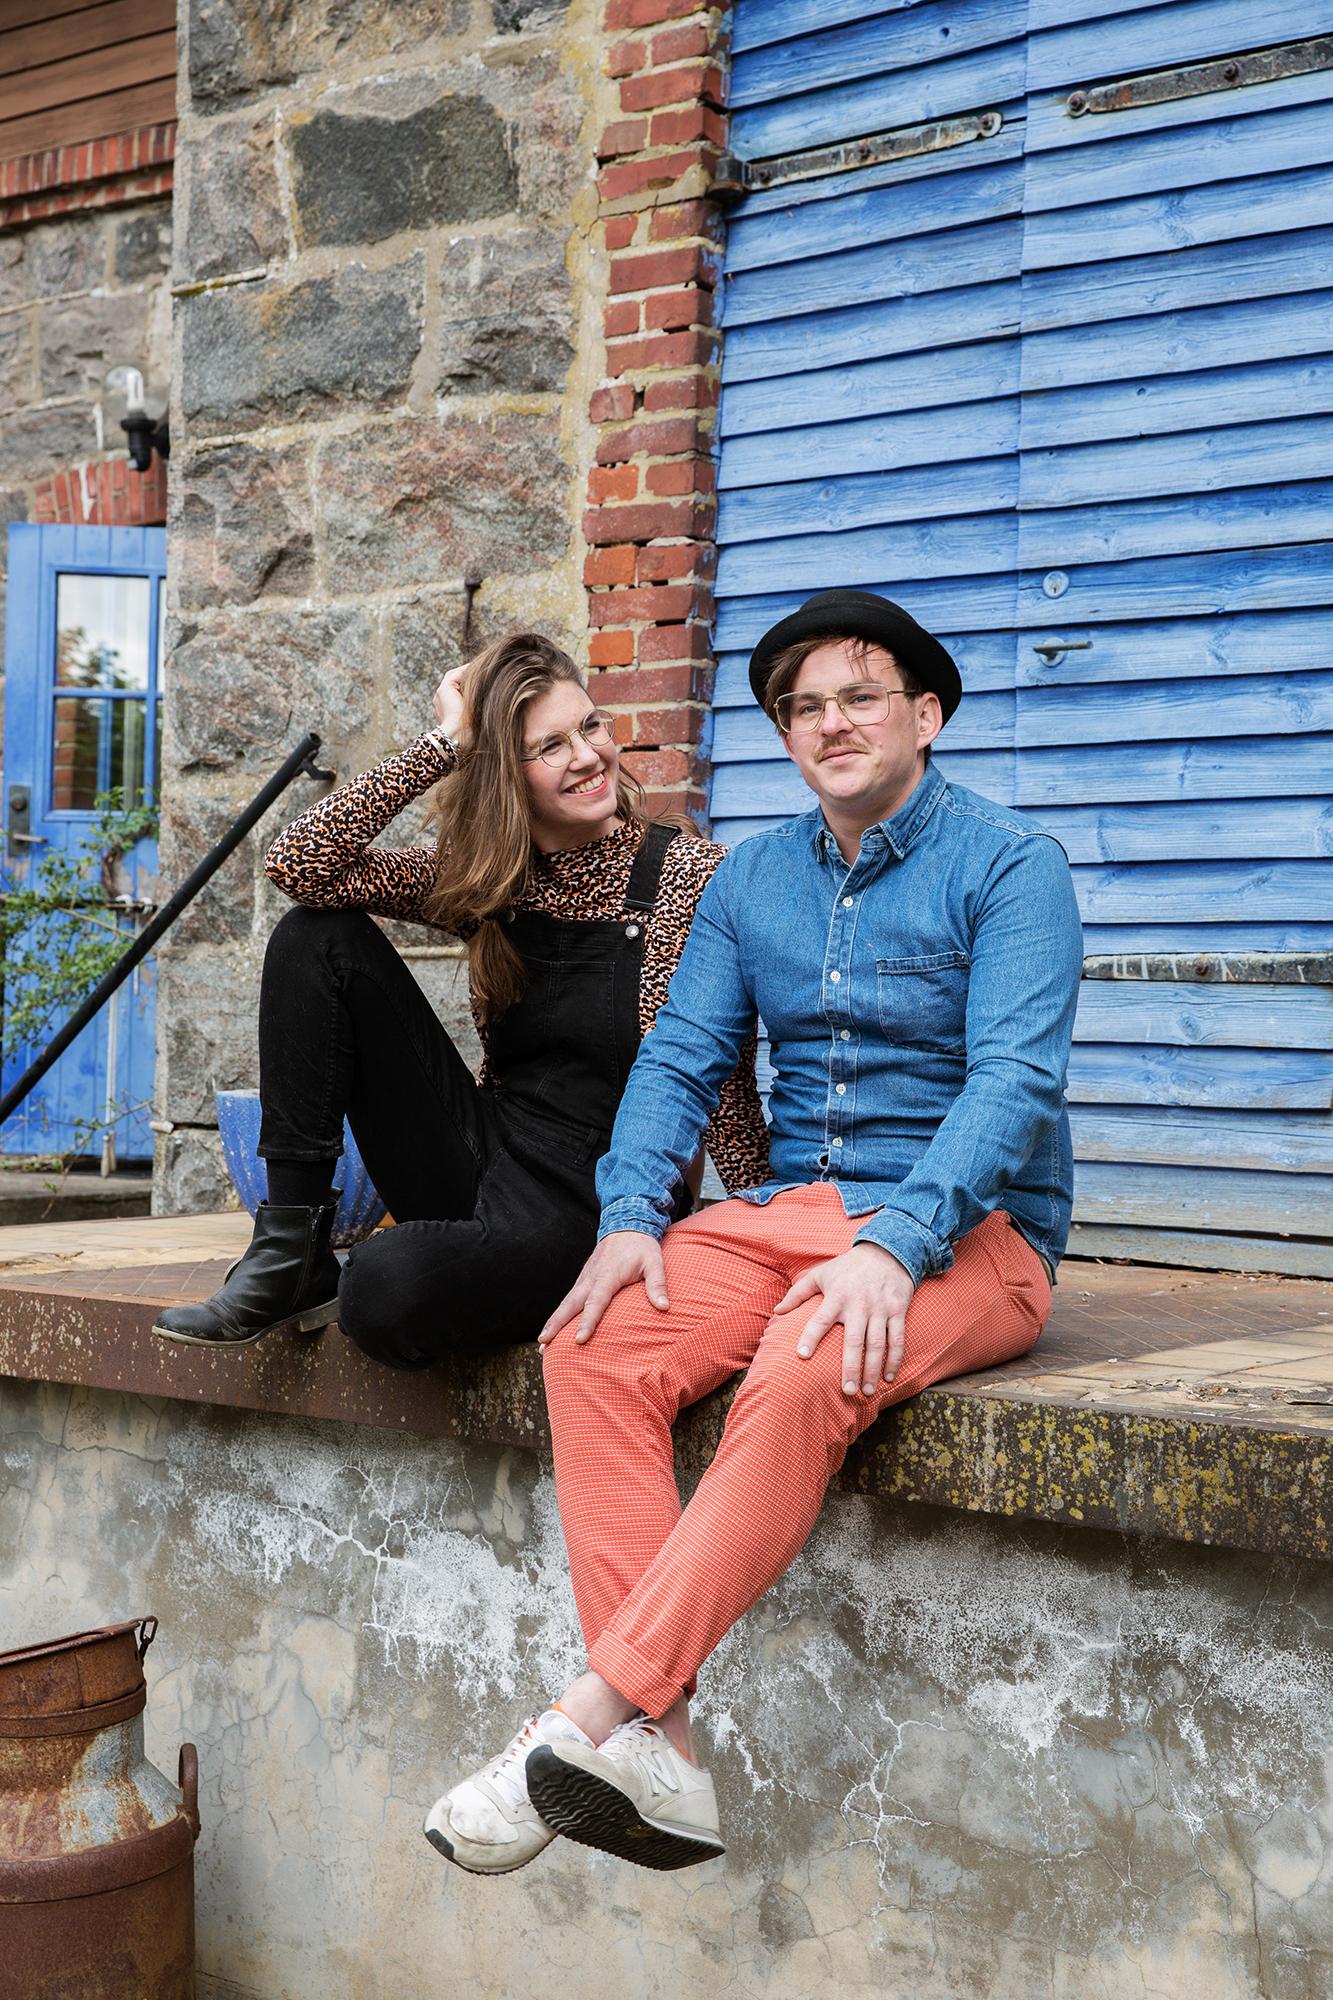 Förutom att driva Lis Mejeri arbetar Rina som mäklare och Johan som frilanskock.